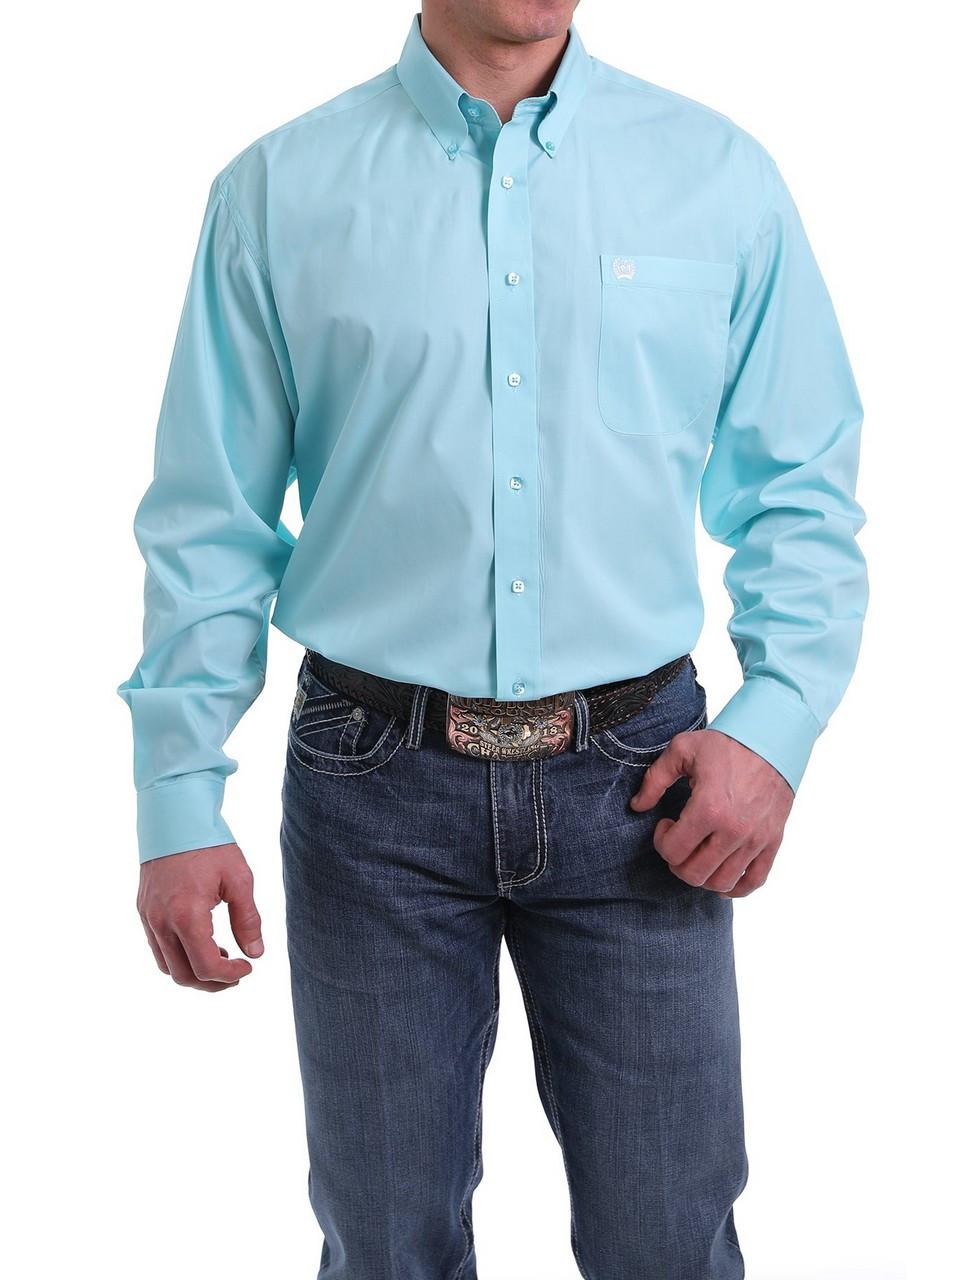 S Solid Light Blue Button Shirt 3XL